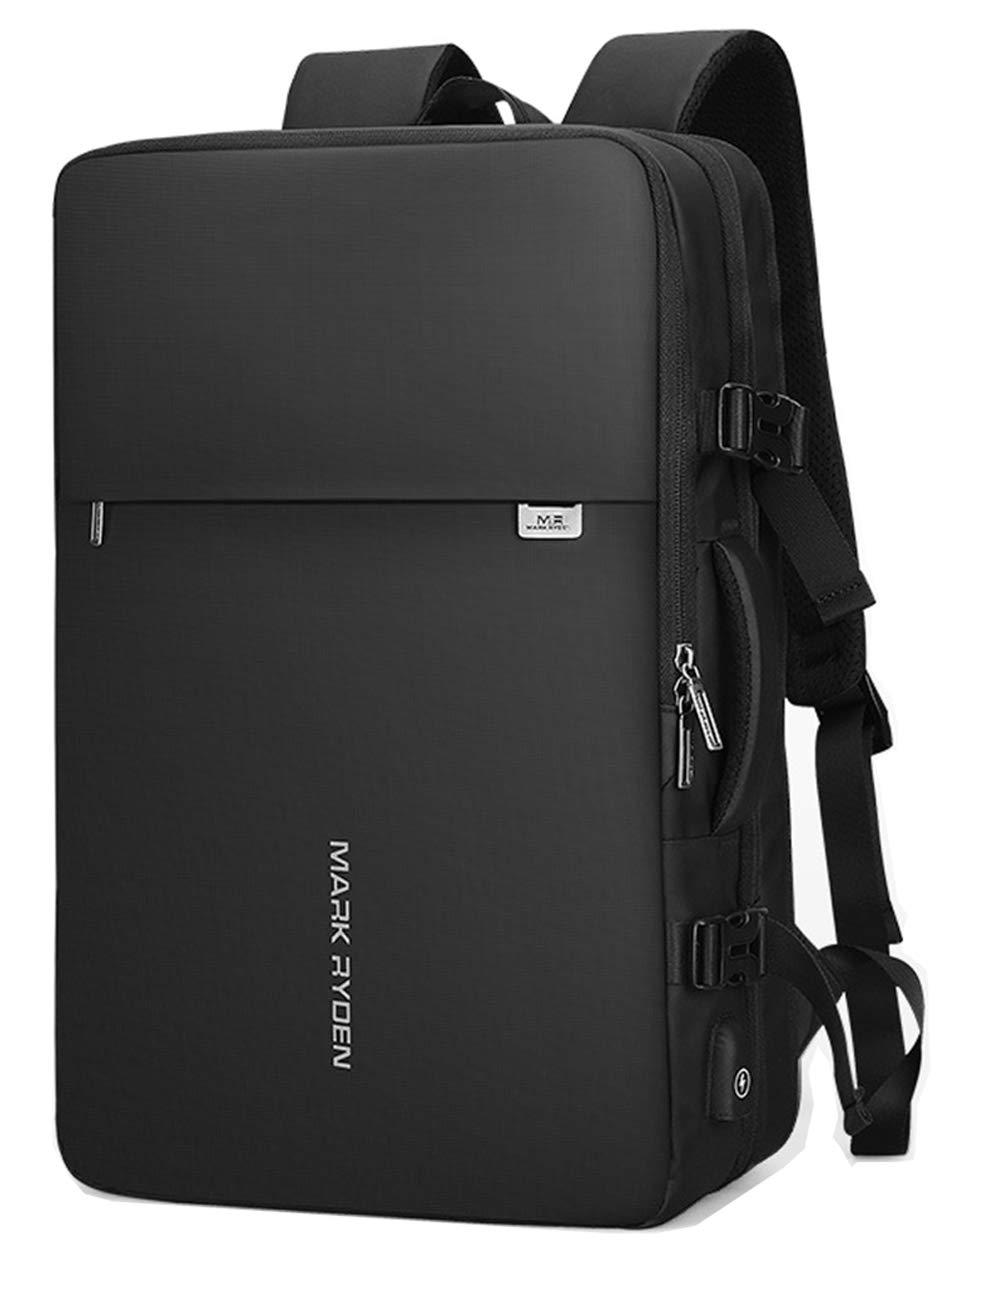 盗難防止メンズビジネスバックパック/防水大容量17インチコンピュータバックパックUSB充電旅行バックパックは拡大することができます B07S7HY92Y